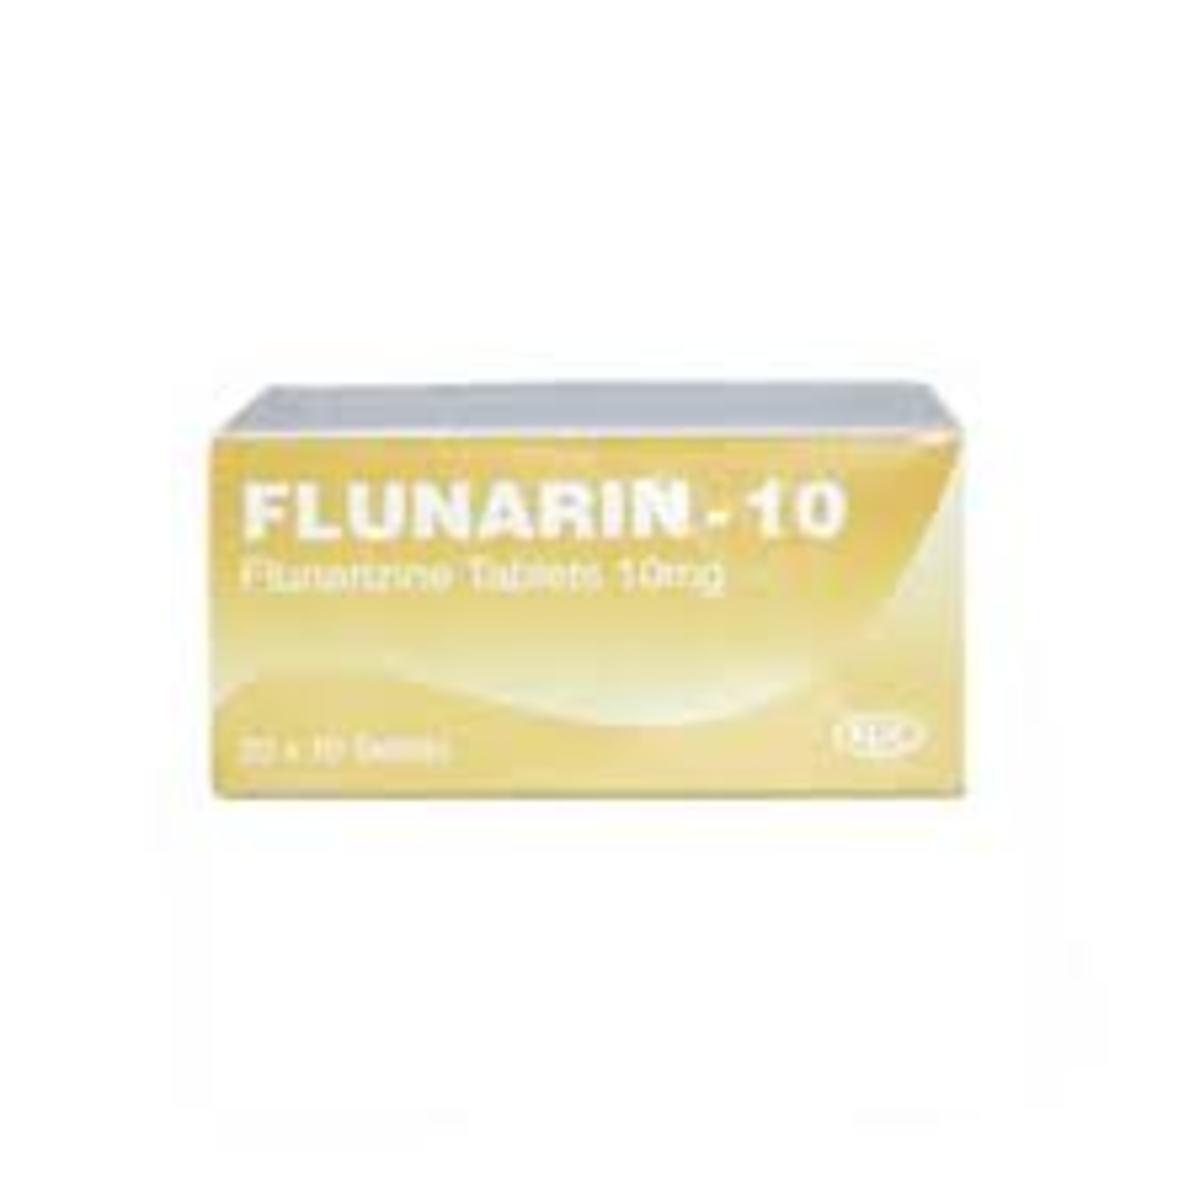 Flunarin box